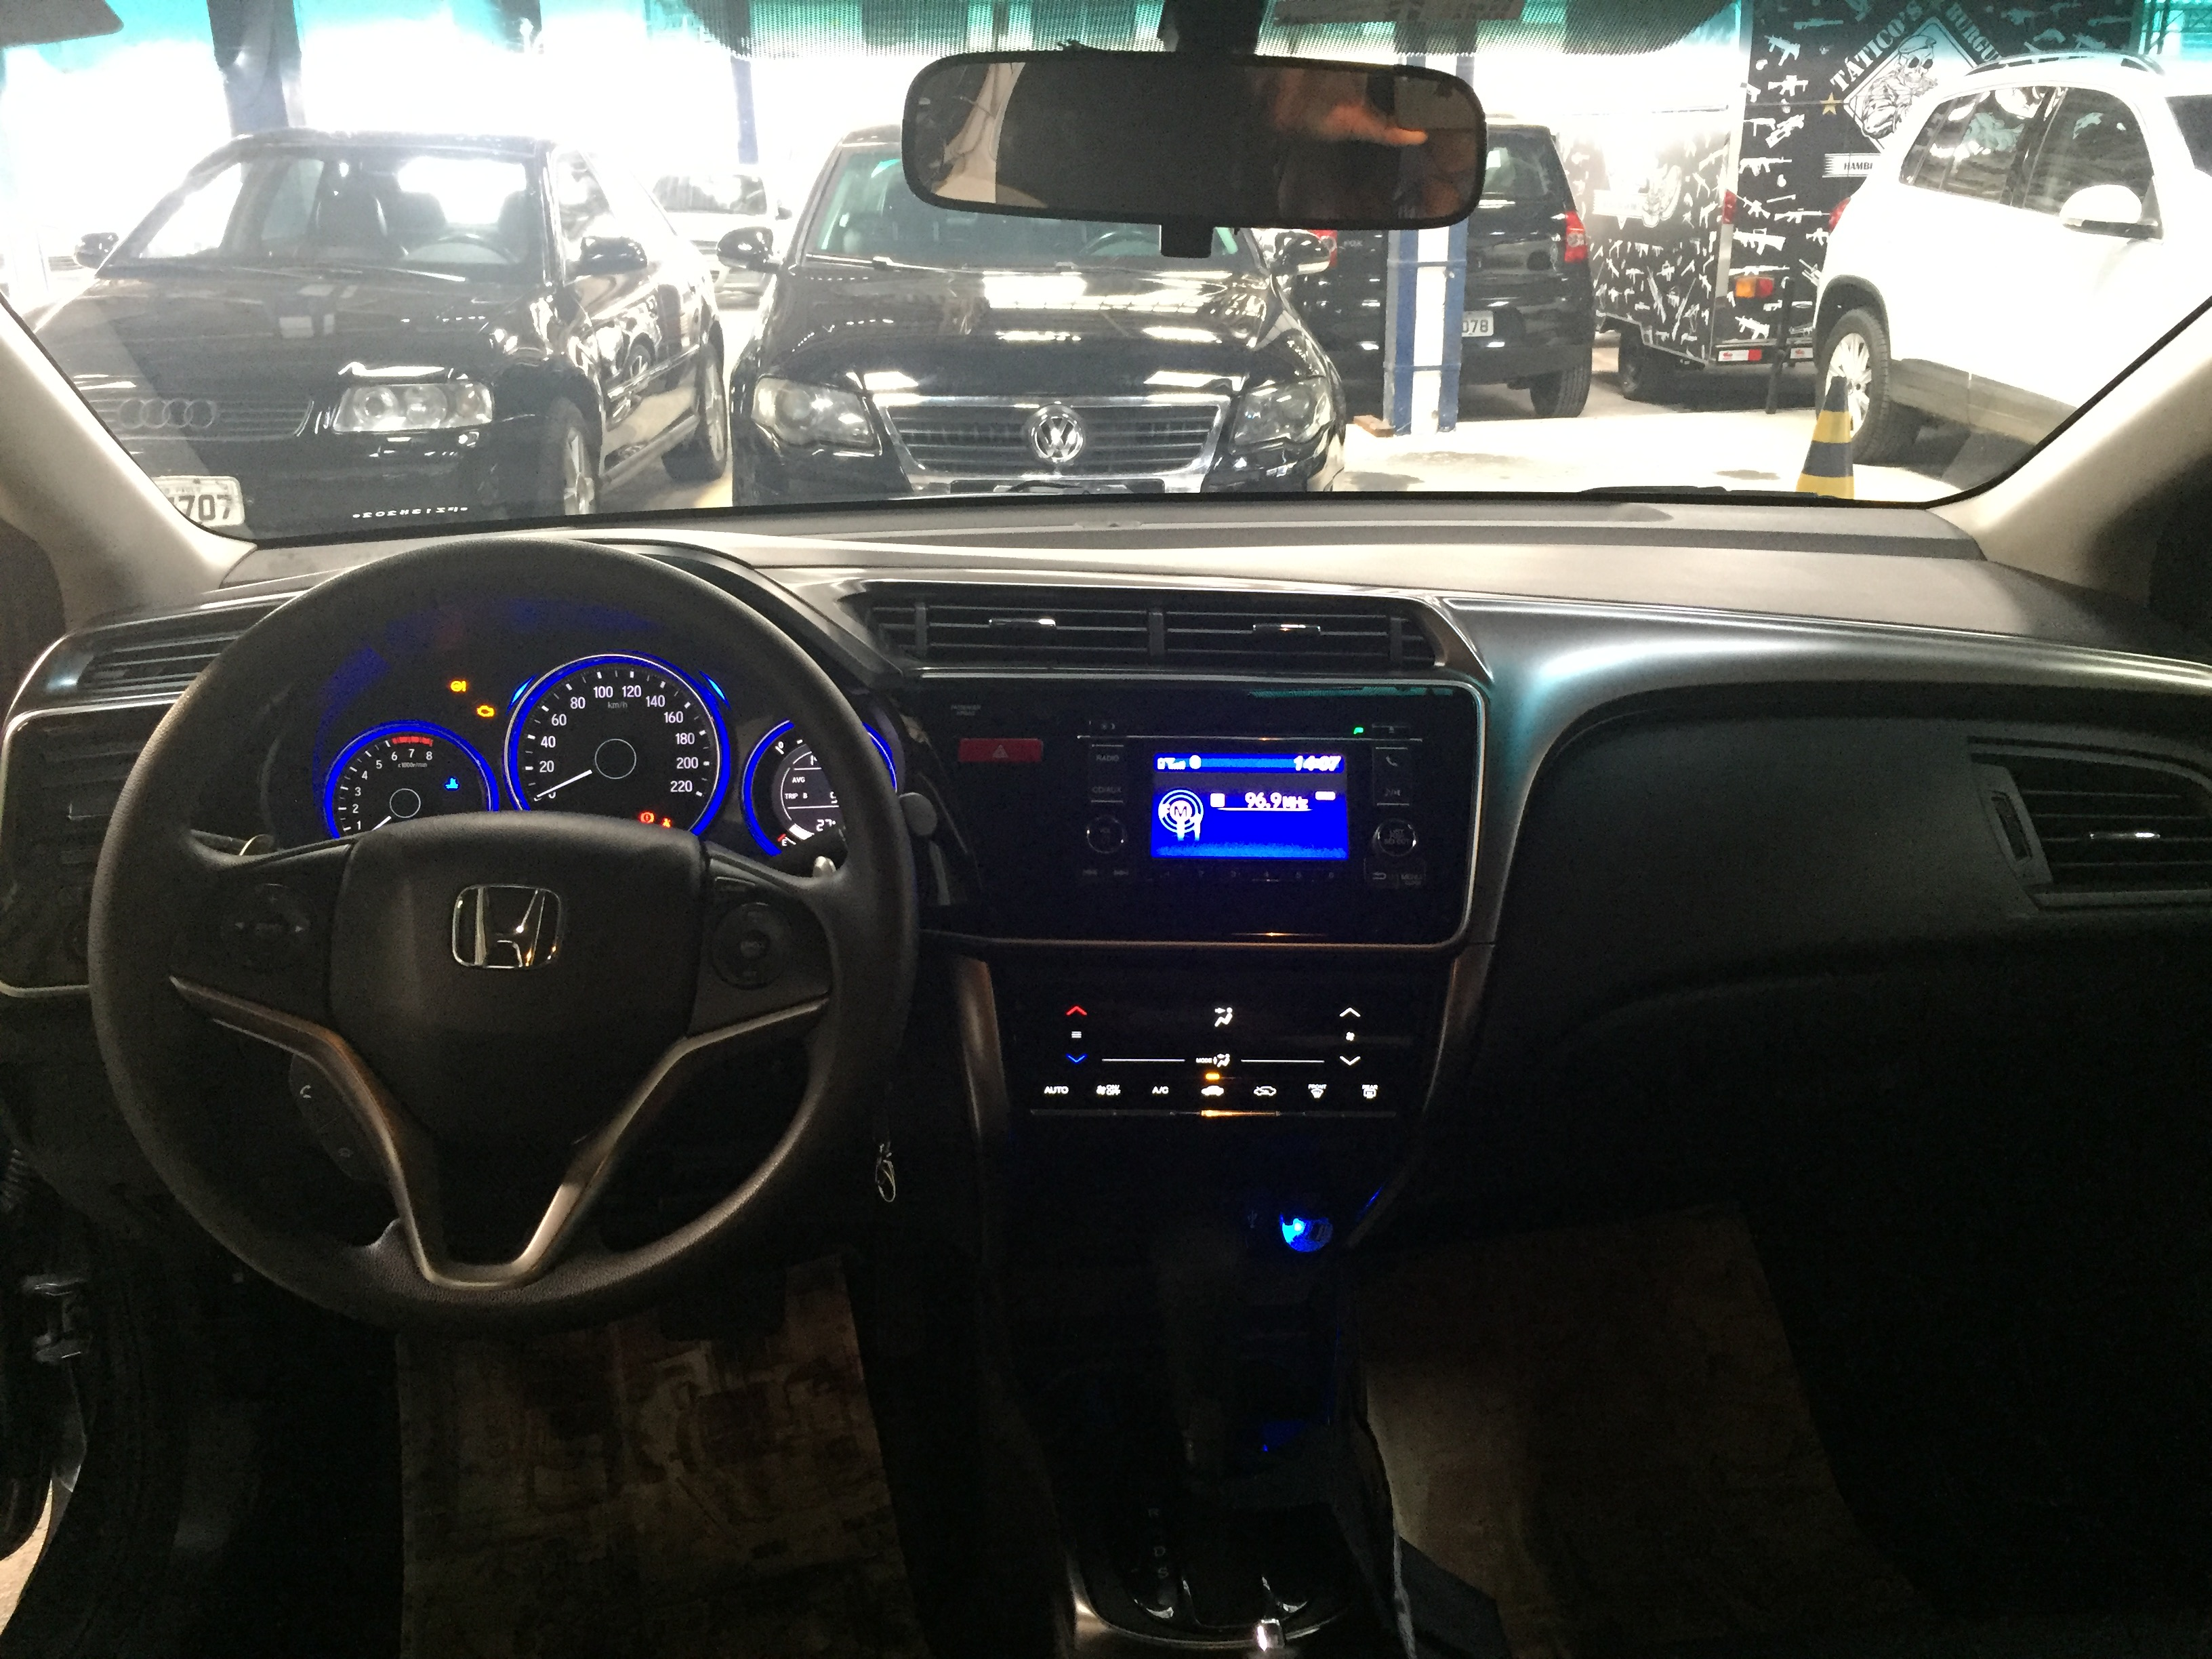 Feirão Auto Show Anhembi - honda city SEDAN EX 1.5 FLEX 16V 4P AUT. 2015-2015